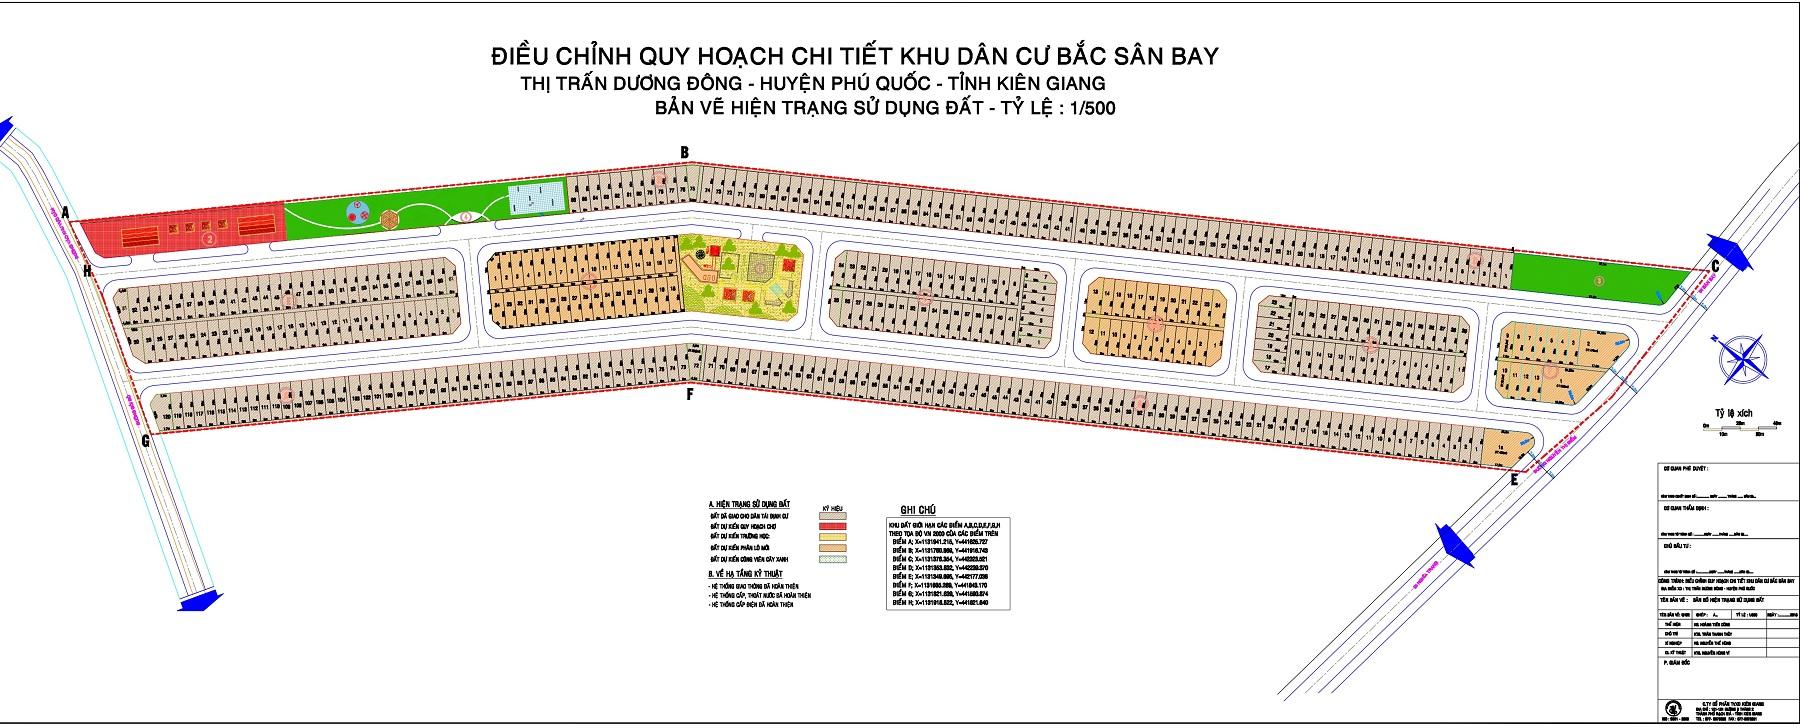 Khu tái định cư khu phố 10 Phú Quốc - Bản Đồ Phân Lô Dự Án